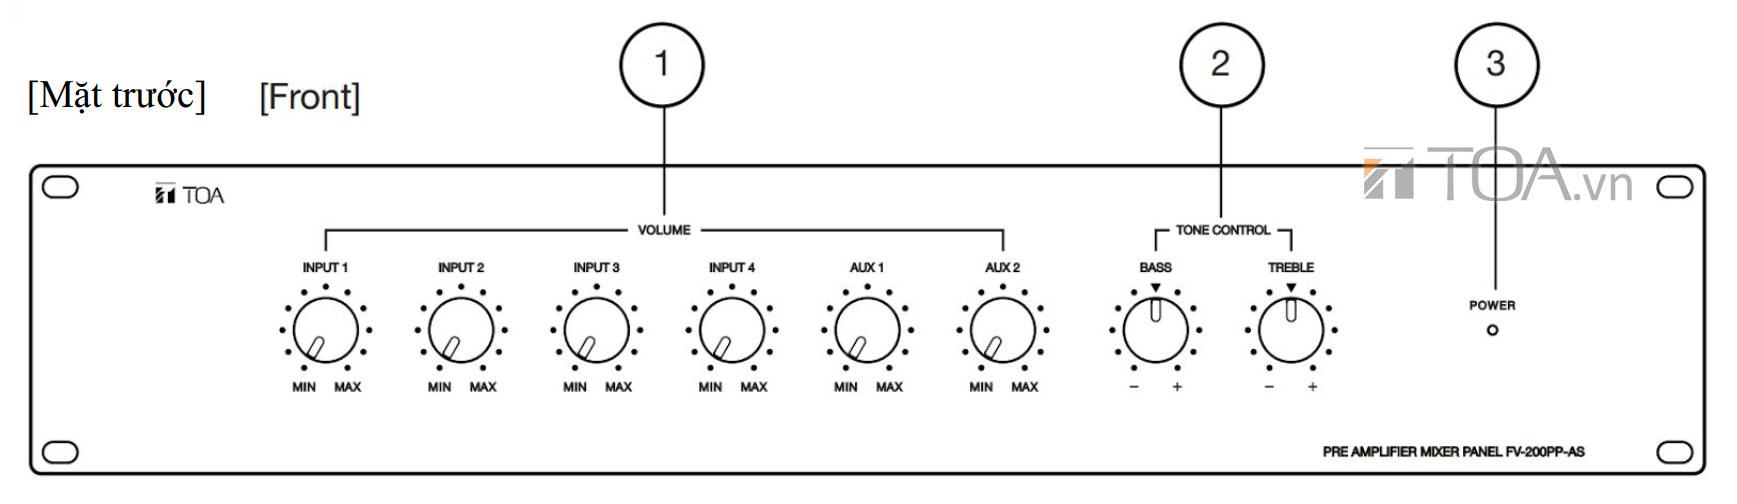 BỘ MIXER TIỀN KHUẾCH ĐẠI TOA FV-200PP-AS, TOA FV-200PP-AS, giá FV-200PP-AS